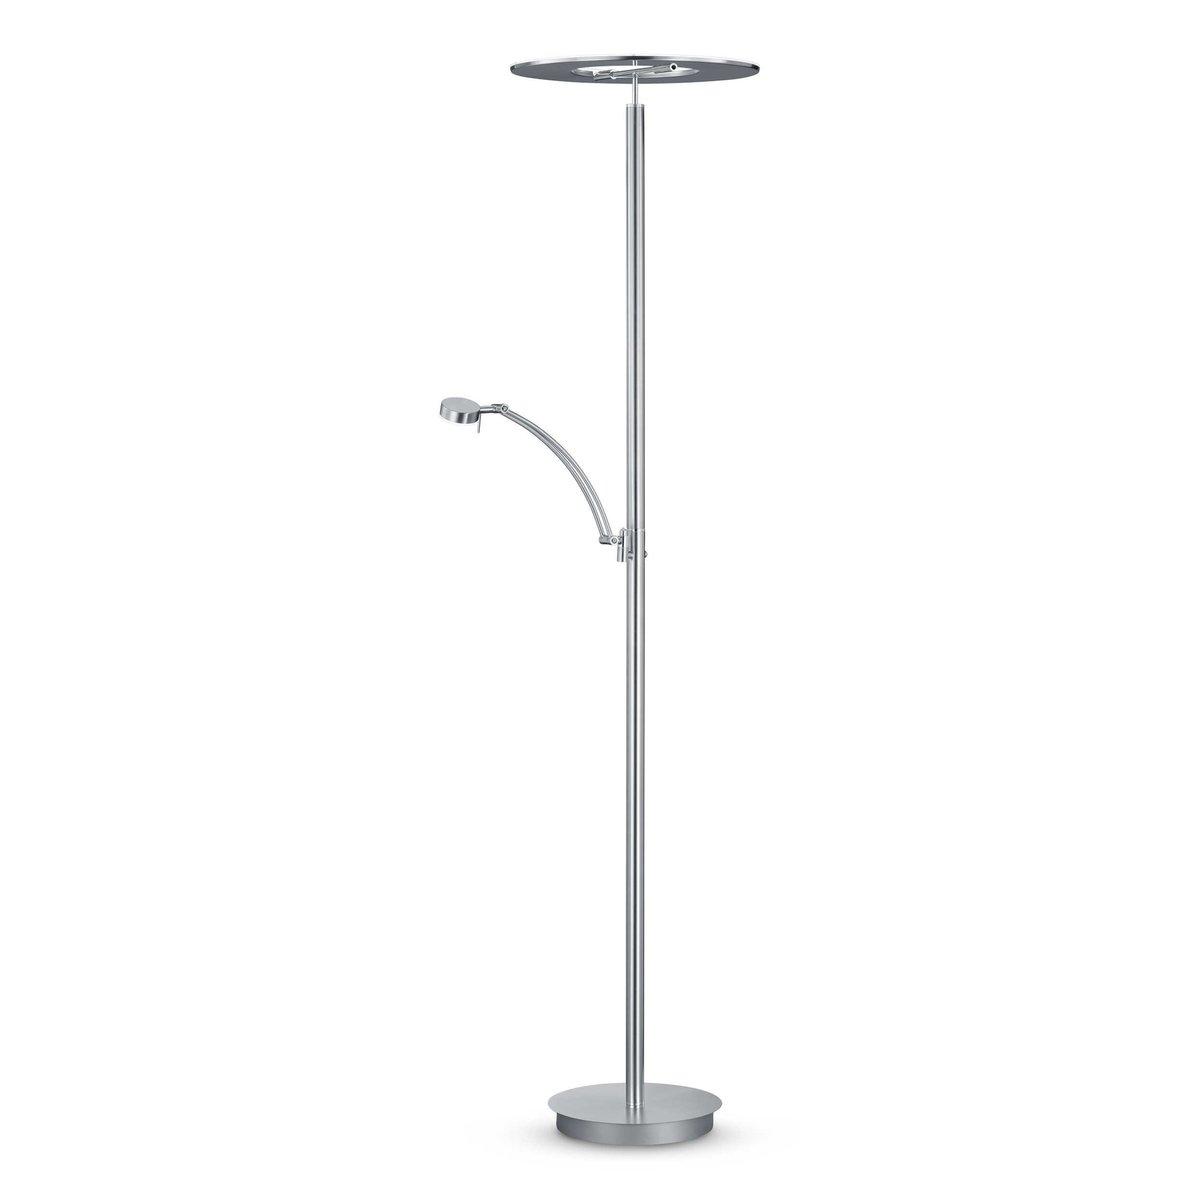 Bild 4 von B-LEUCHTEN LED-Stehlampe   Monza